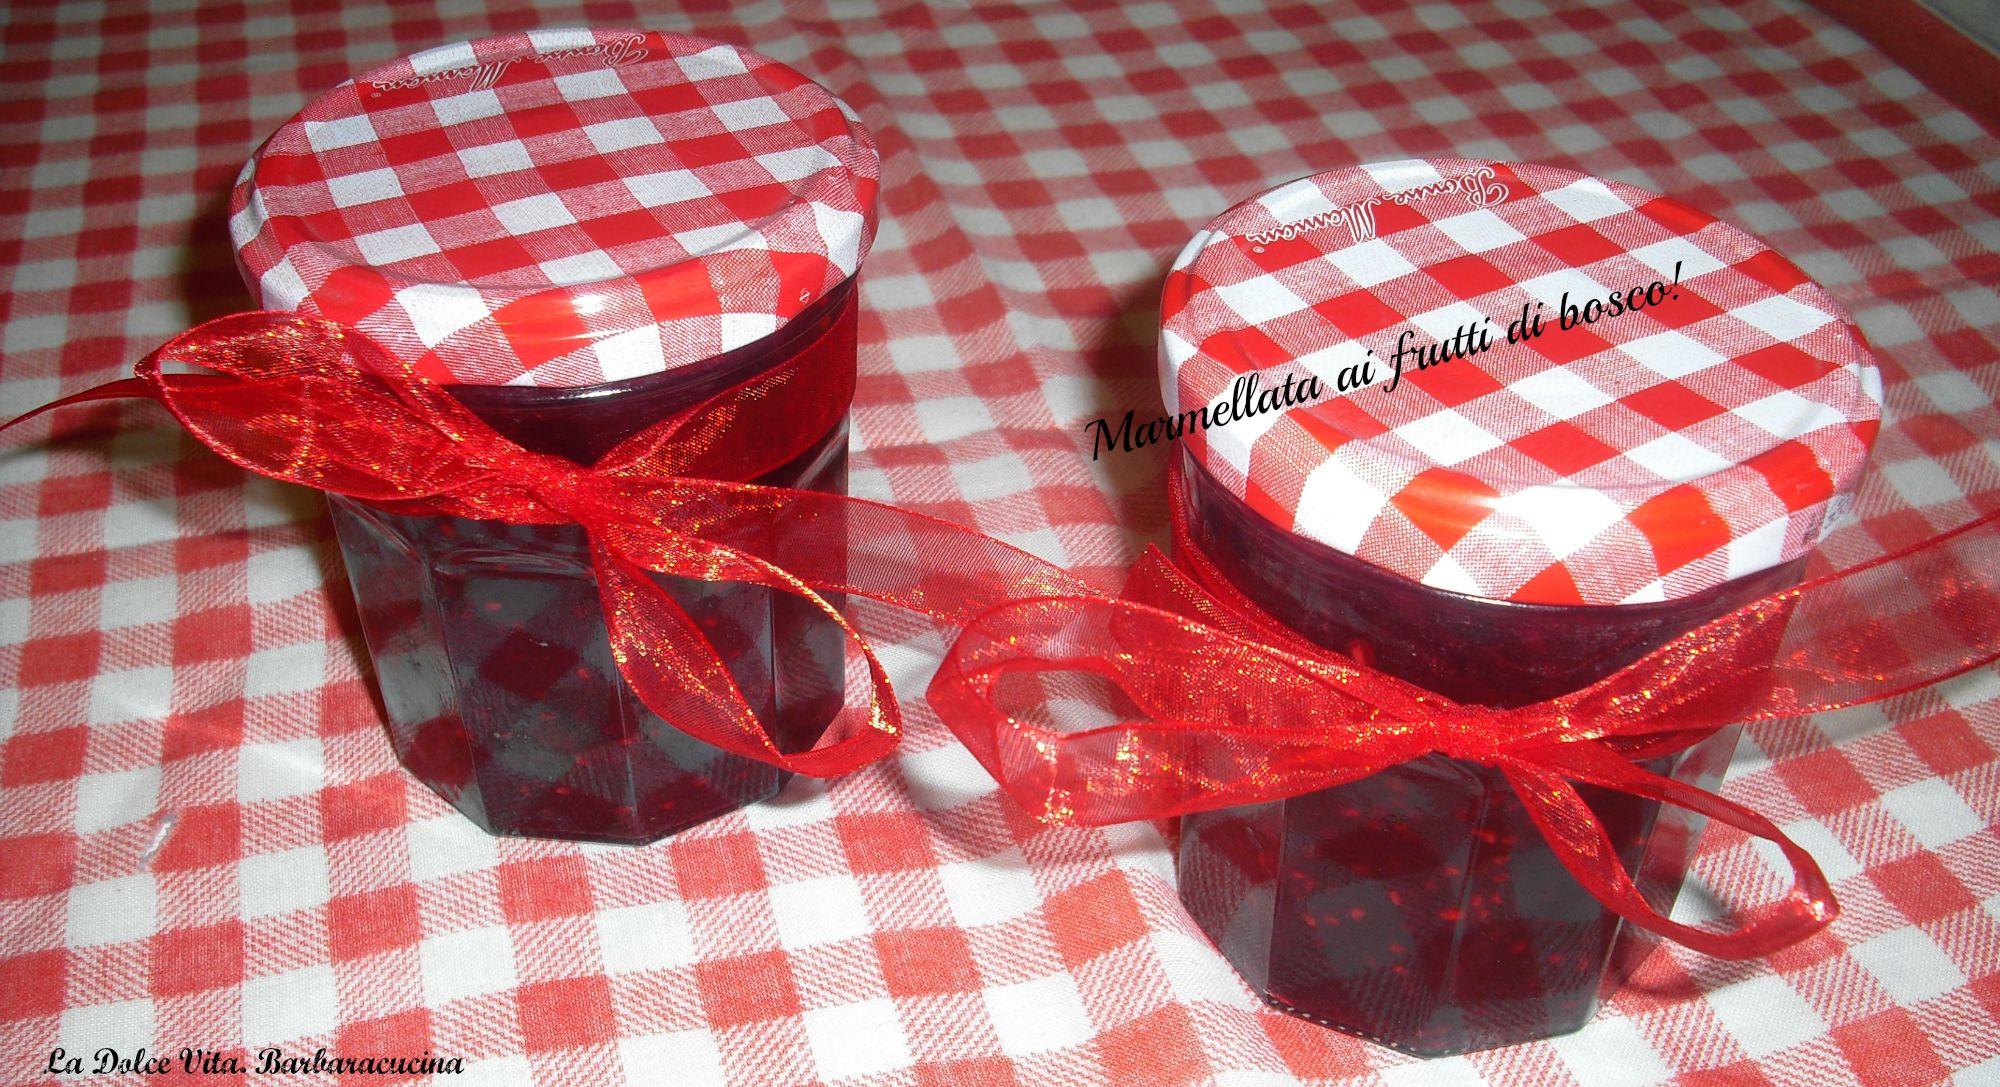 marmellata ai frutti di bosco 3